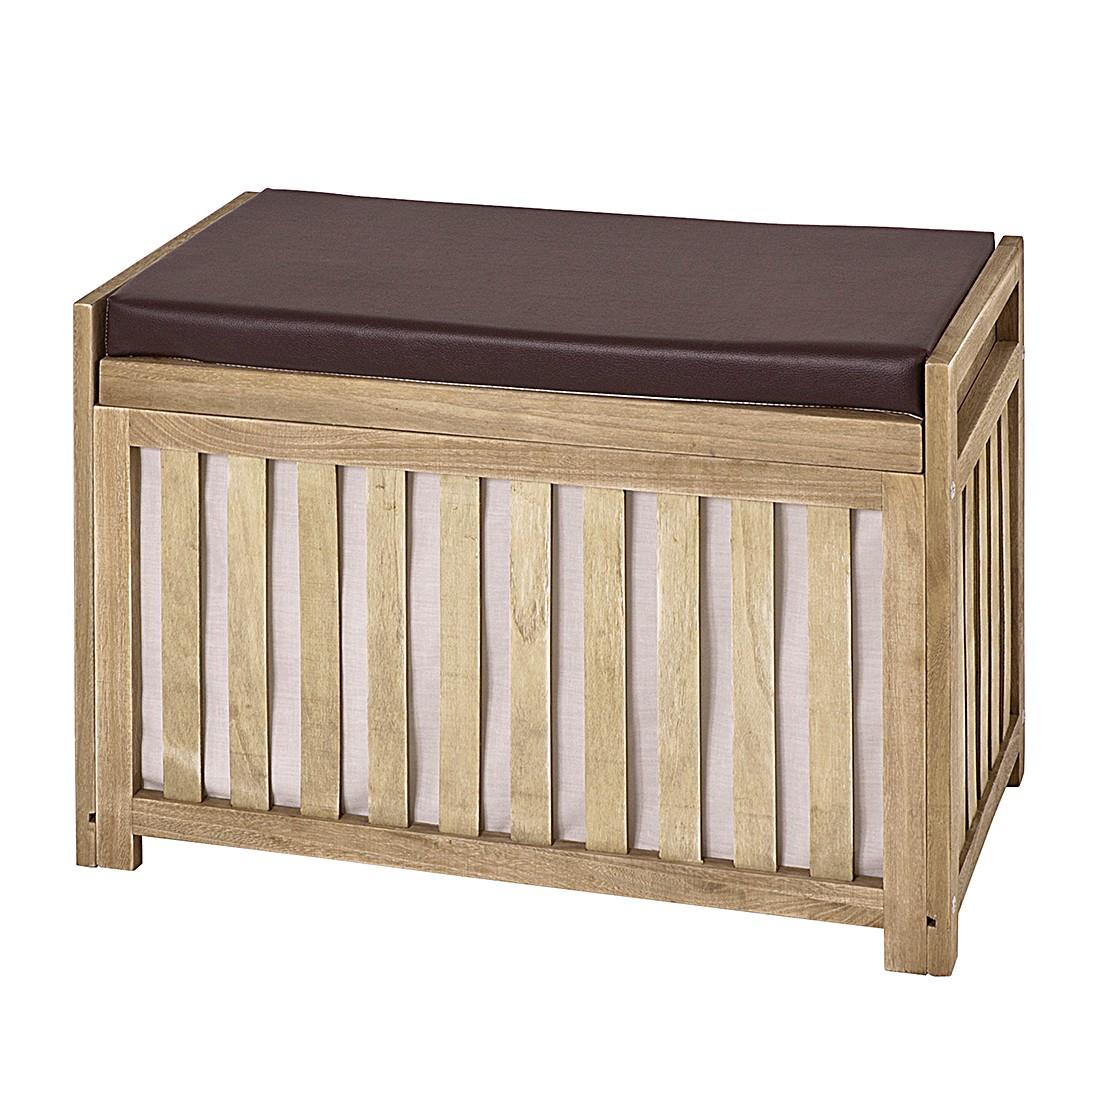 eiche sitzbank preisvergleich die besten angebote online kaufen. Black Bedroom Furniture Sets. Home Design Ideas